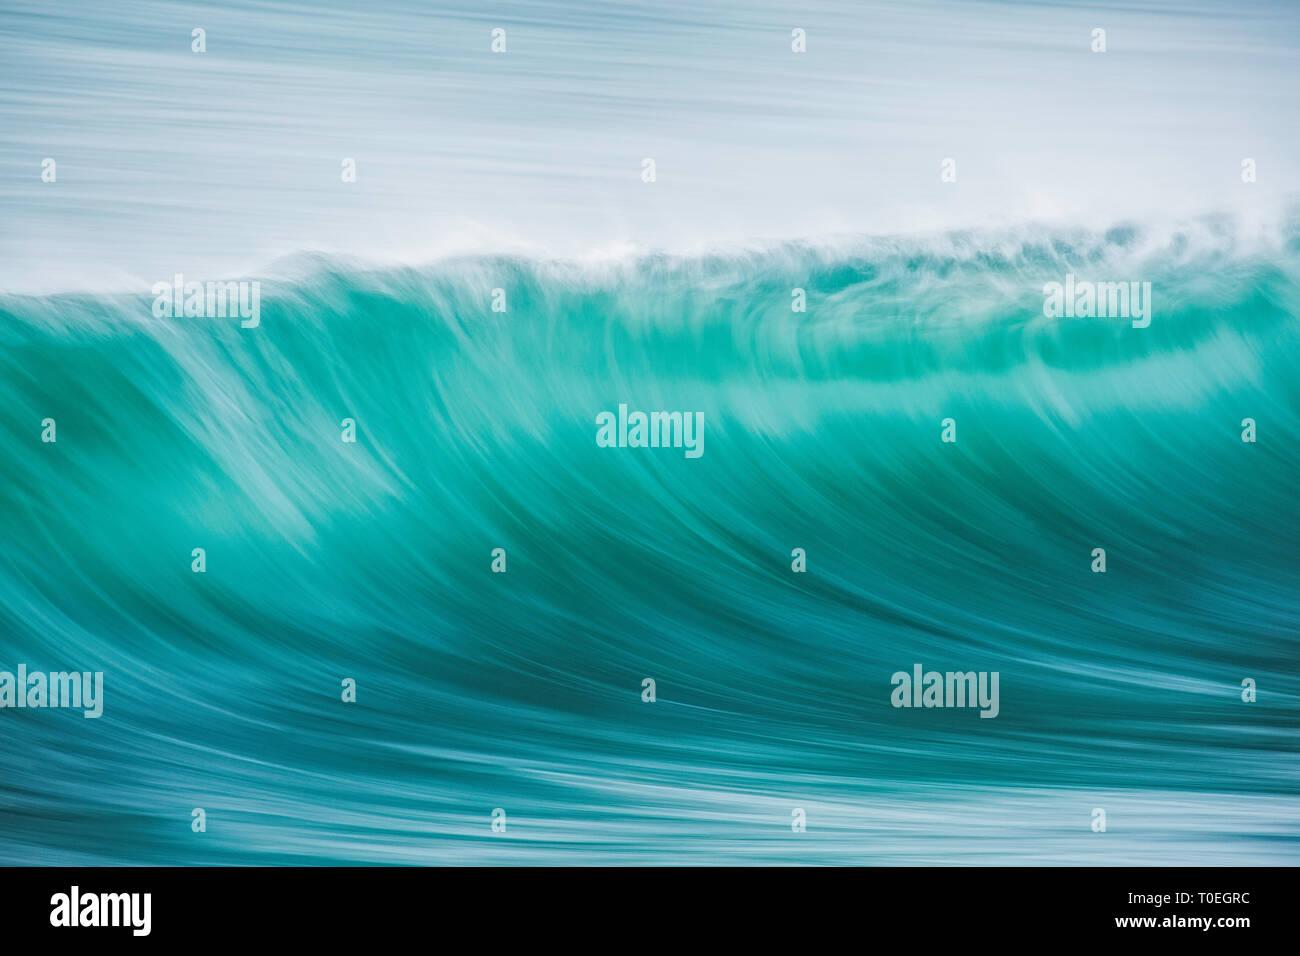 Un'onda nelle acque turchesi delle Ebridi Esterne, Scozia Immagini Stock